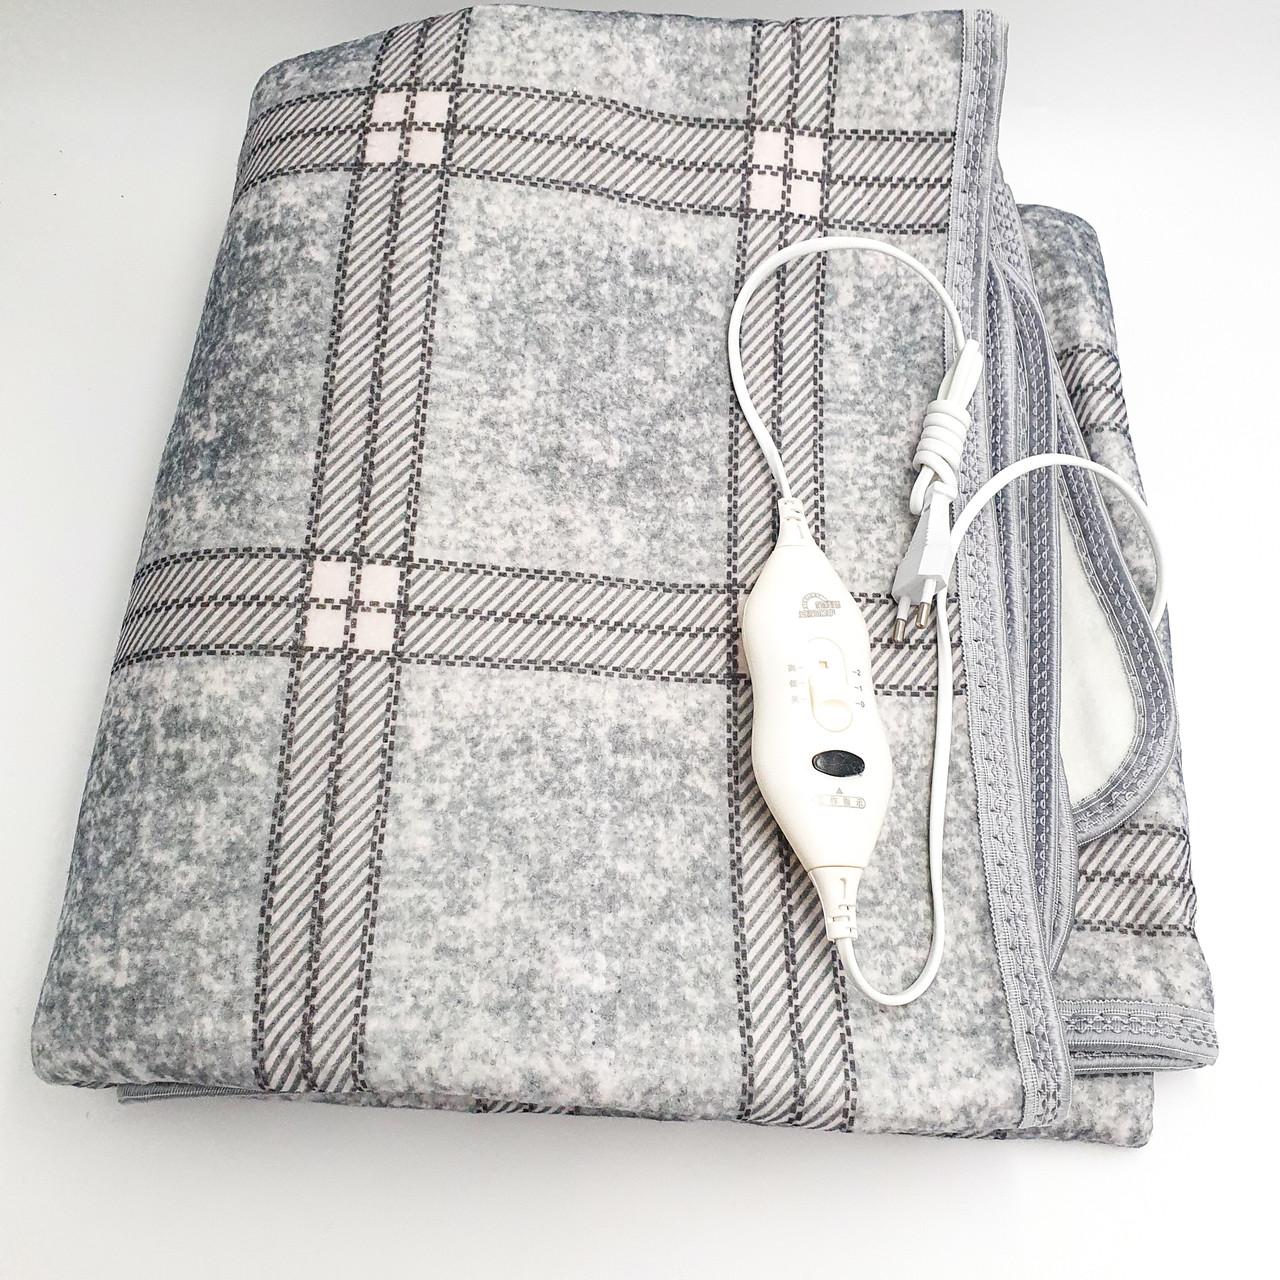 Электропростынь электро грелка электрическая простынь одеяло с сумкой electric blanket150*160 см 120 Вт